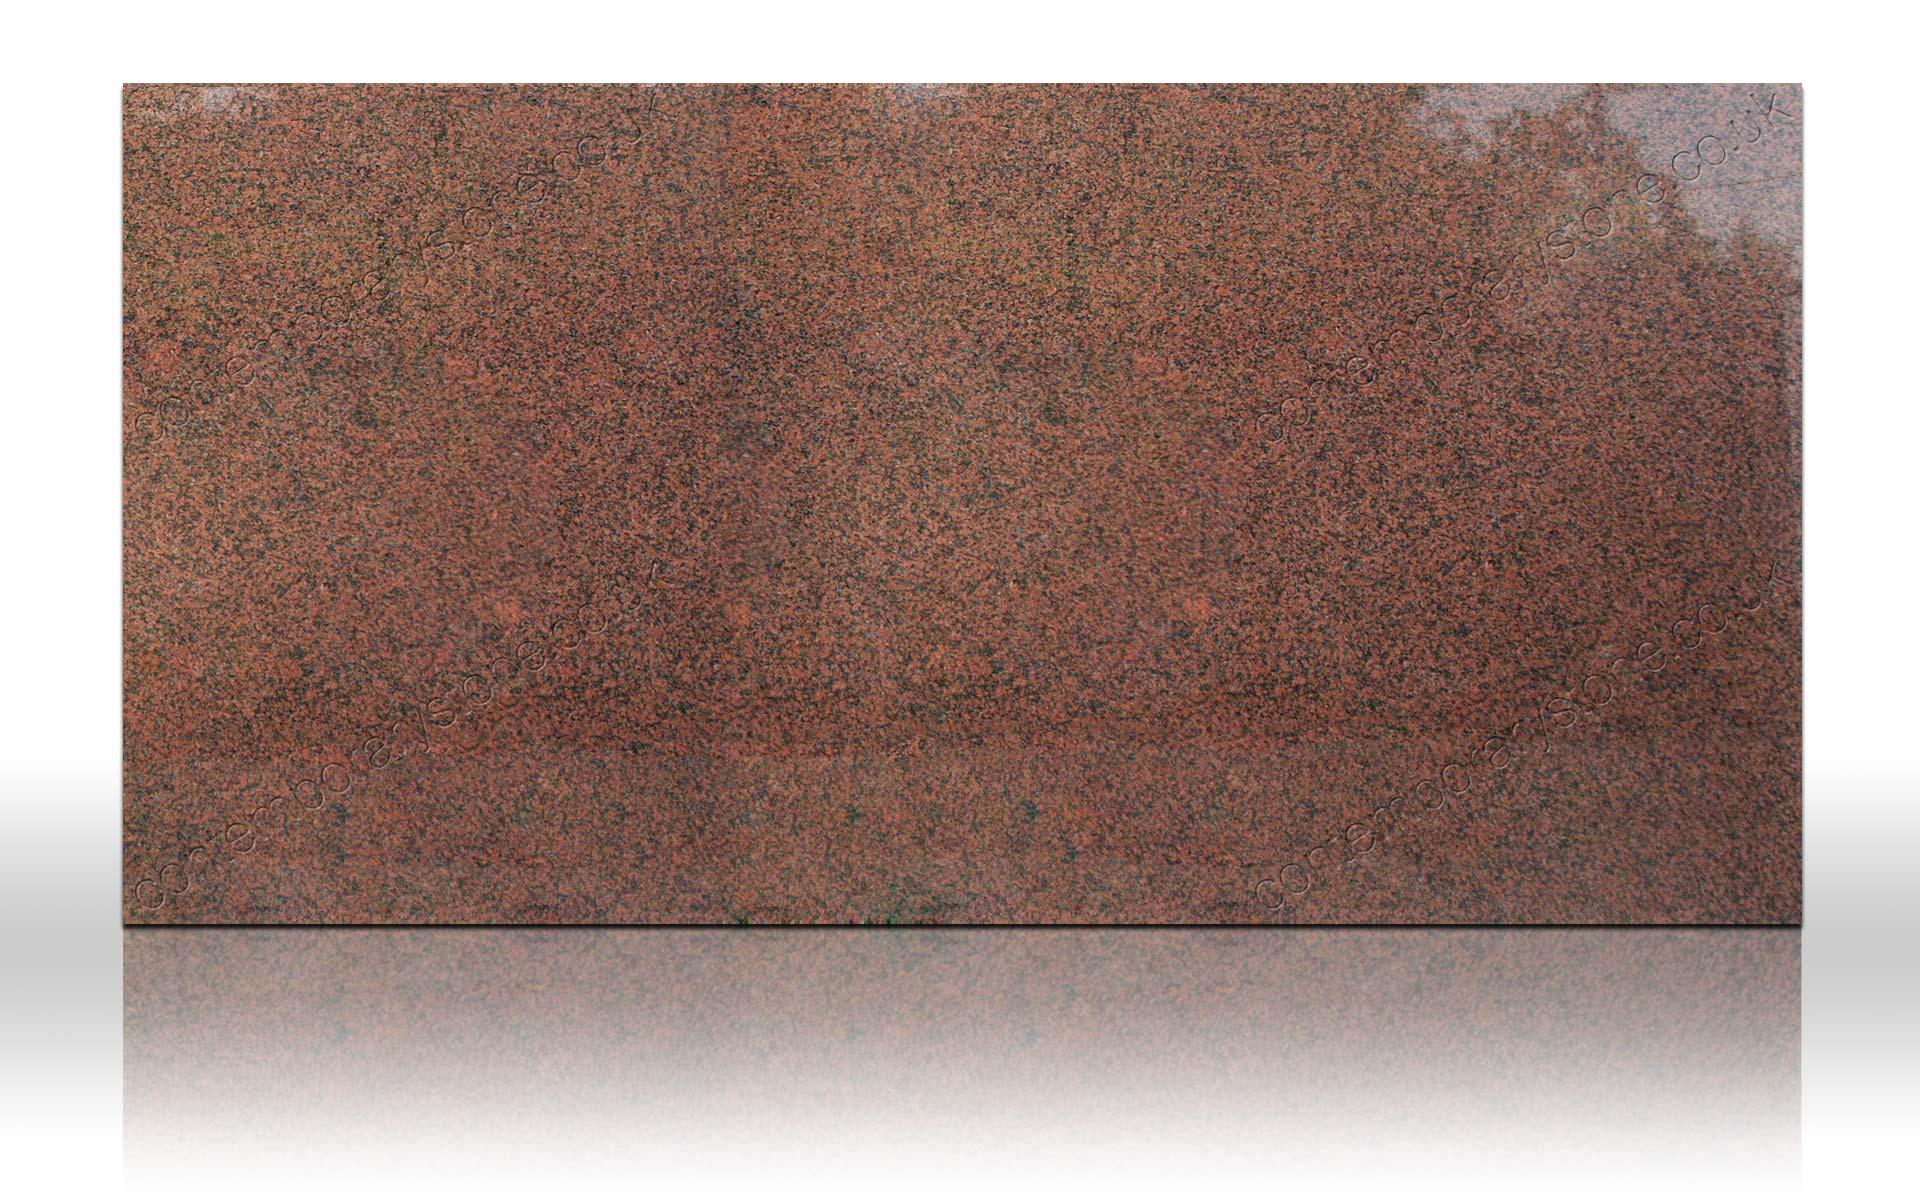 balmoral granite slab